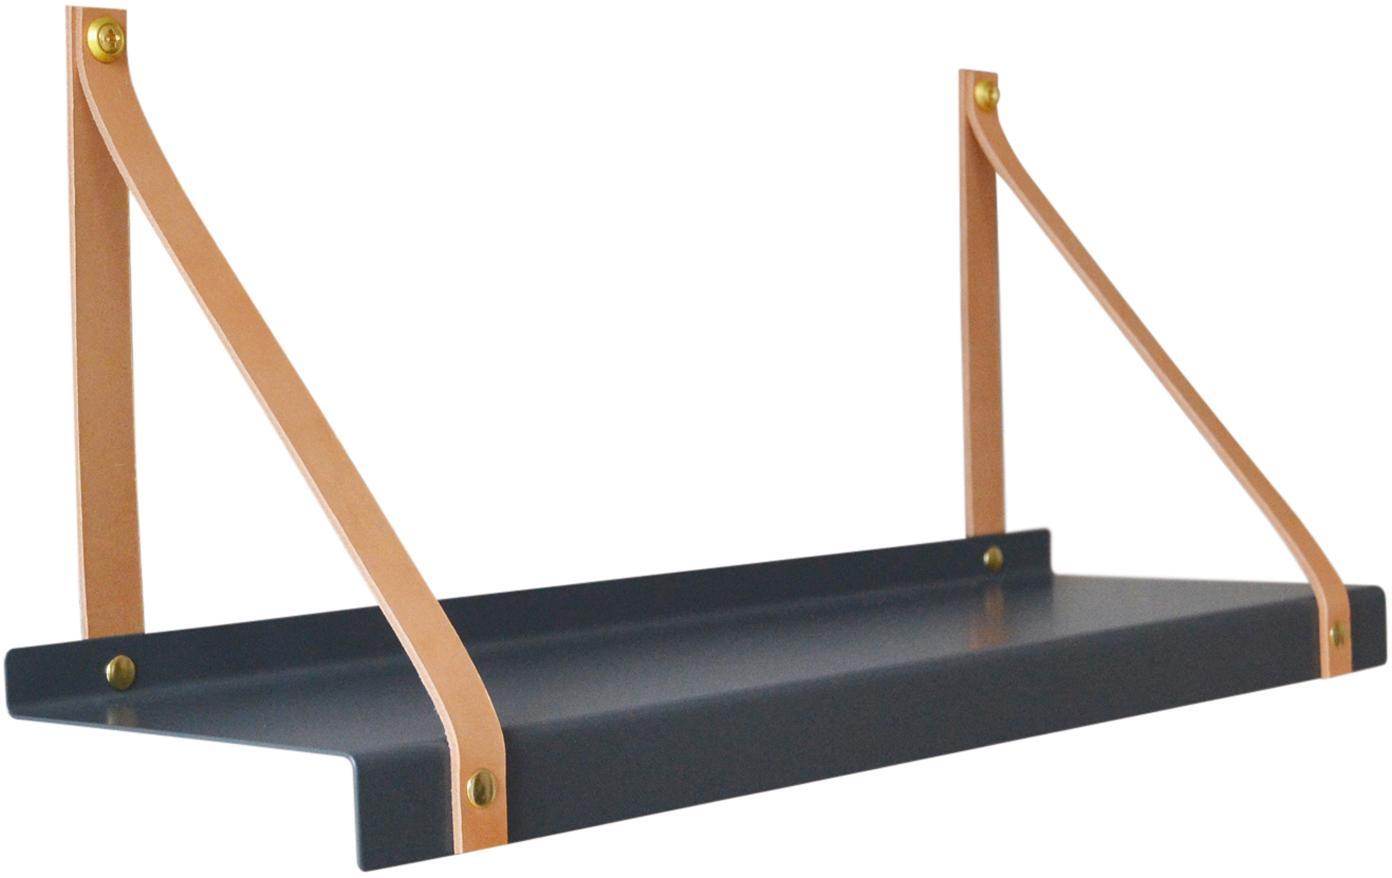 Mensola a muro con cinturini in pelle Shelfie, Mensola: metallo verniciato a polv, Cinturino: pelle, Grigio, marrone, Larg. 50 x Prof. 23 cm